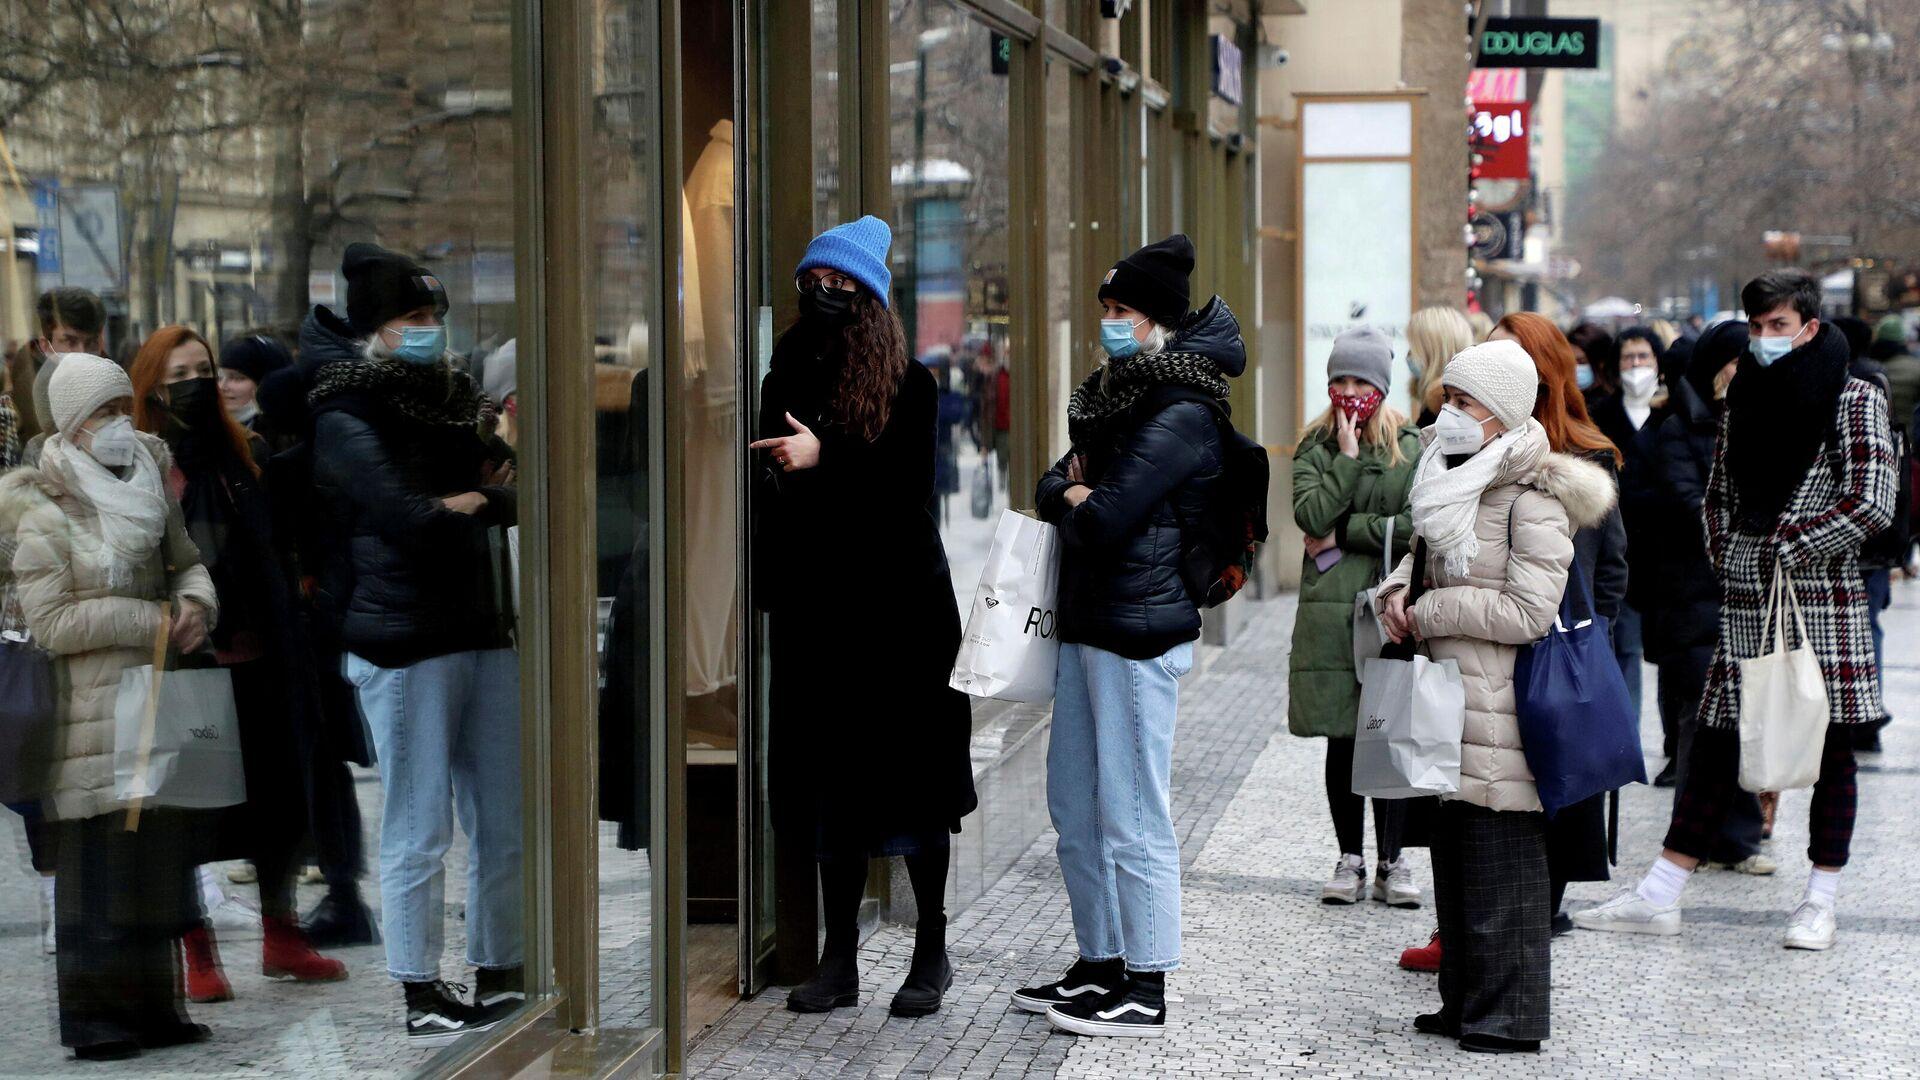 Покупатели в очереди перед магазином в Праге - РИА Новости, 1920, 31.12.2020